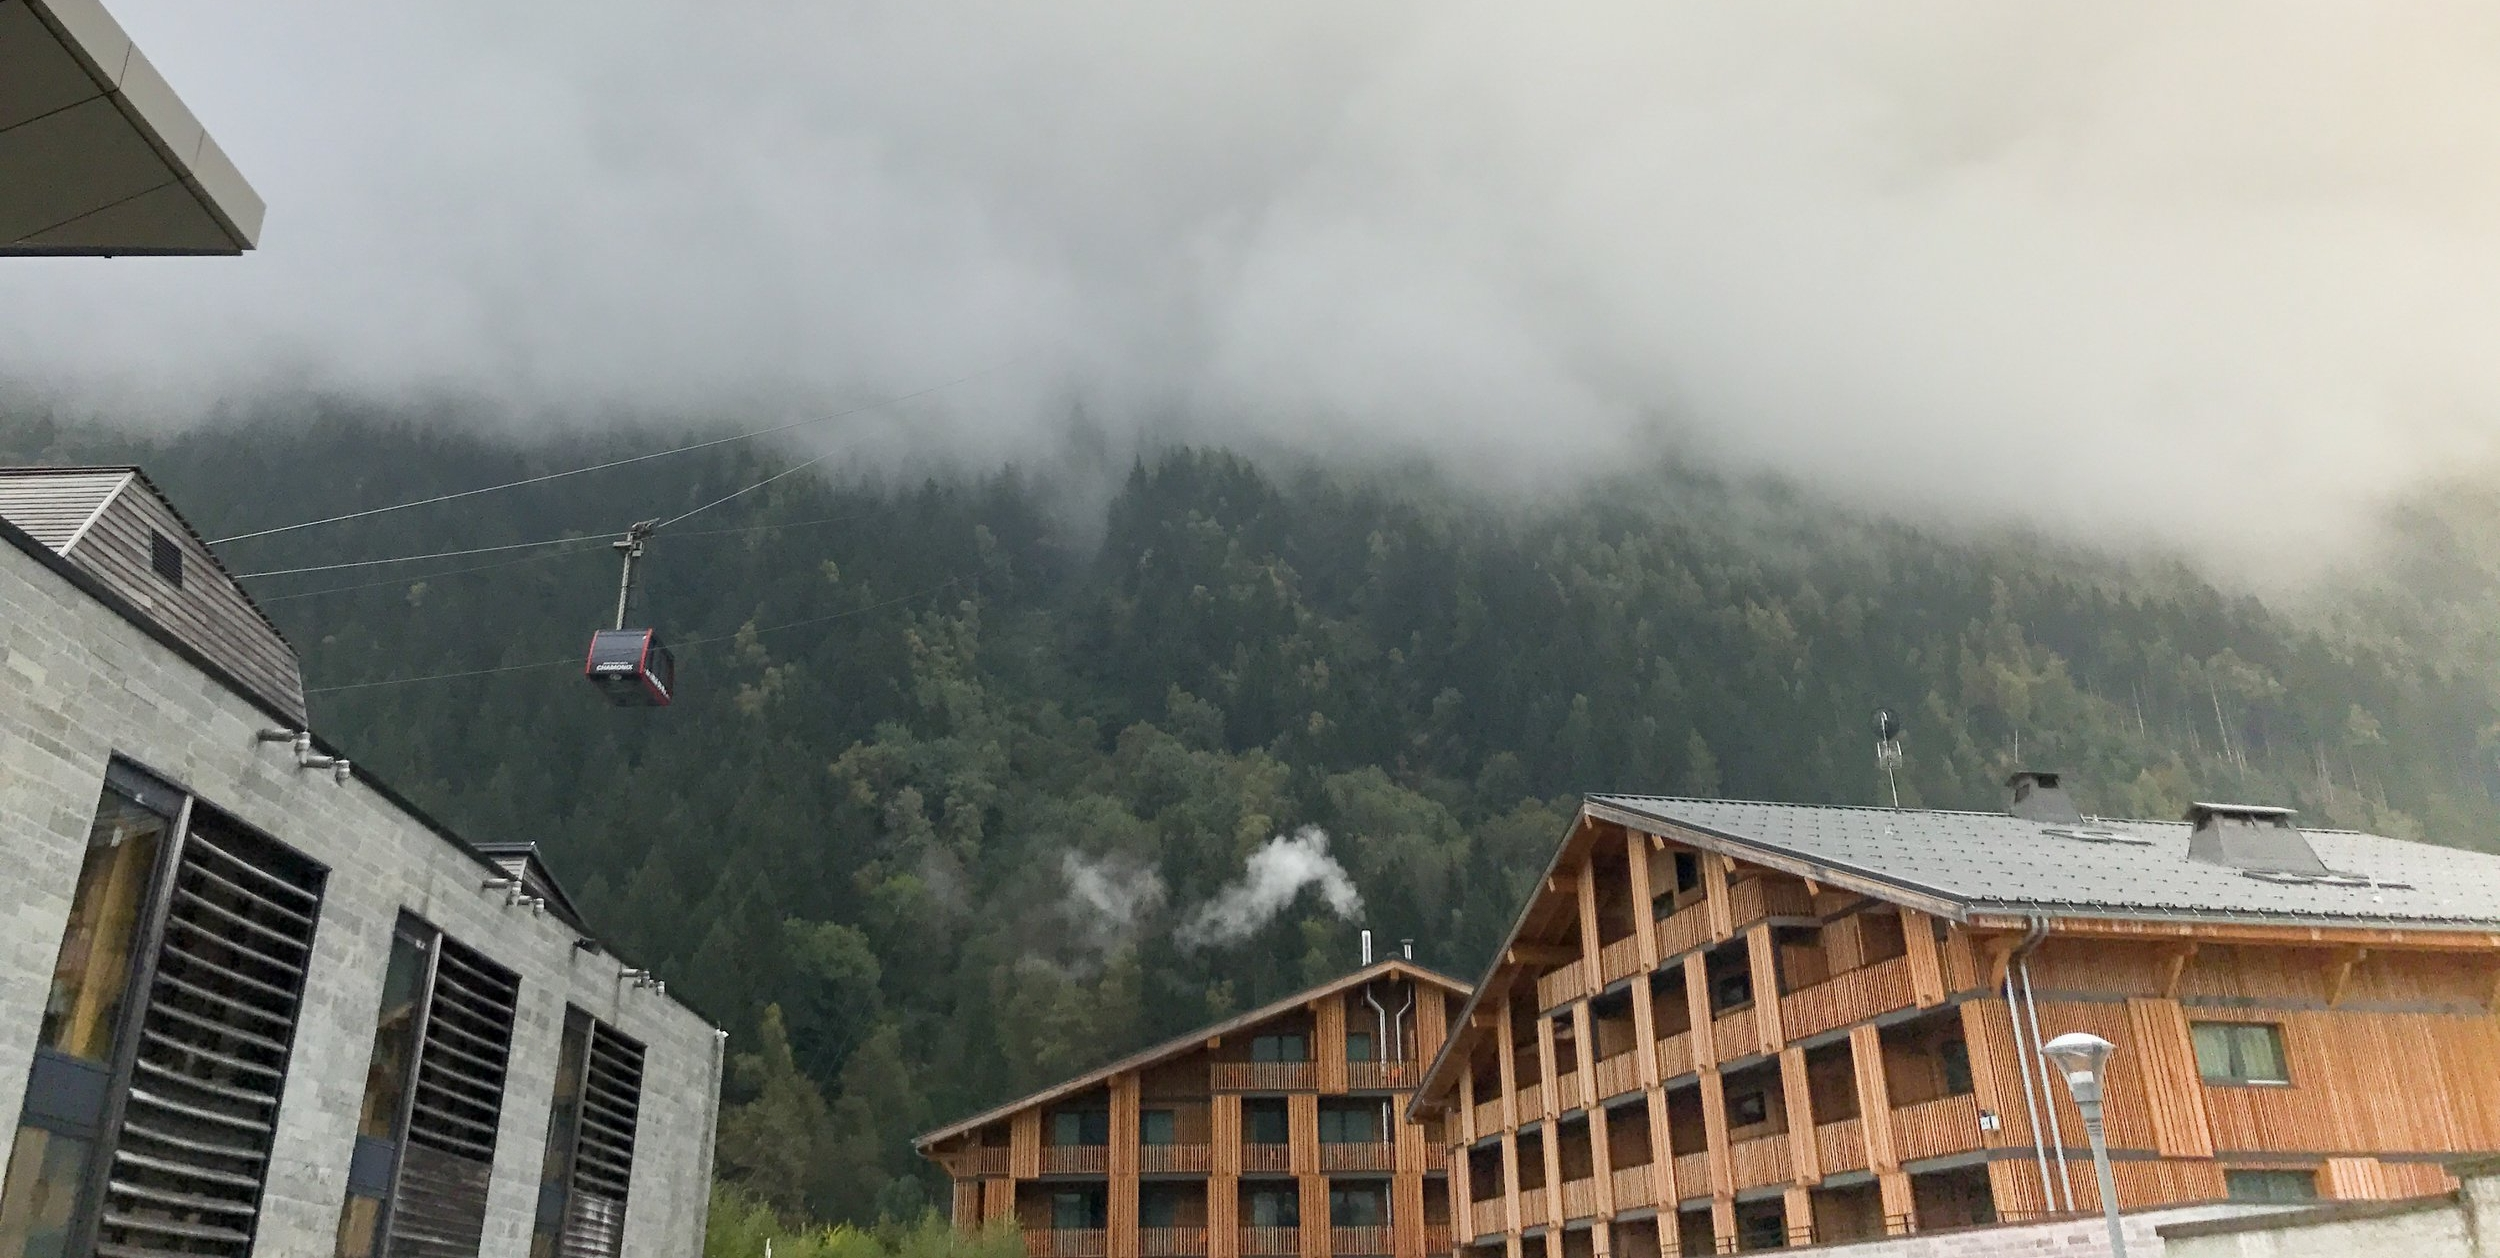 Hotel L'Heliopic Chamonix Exterior